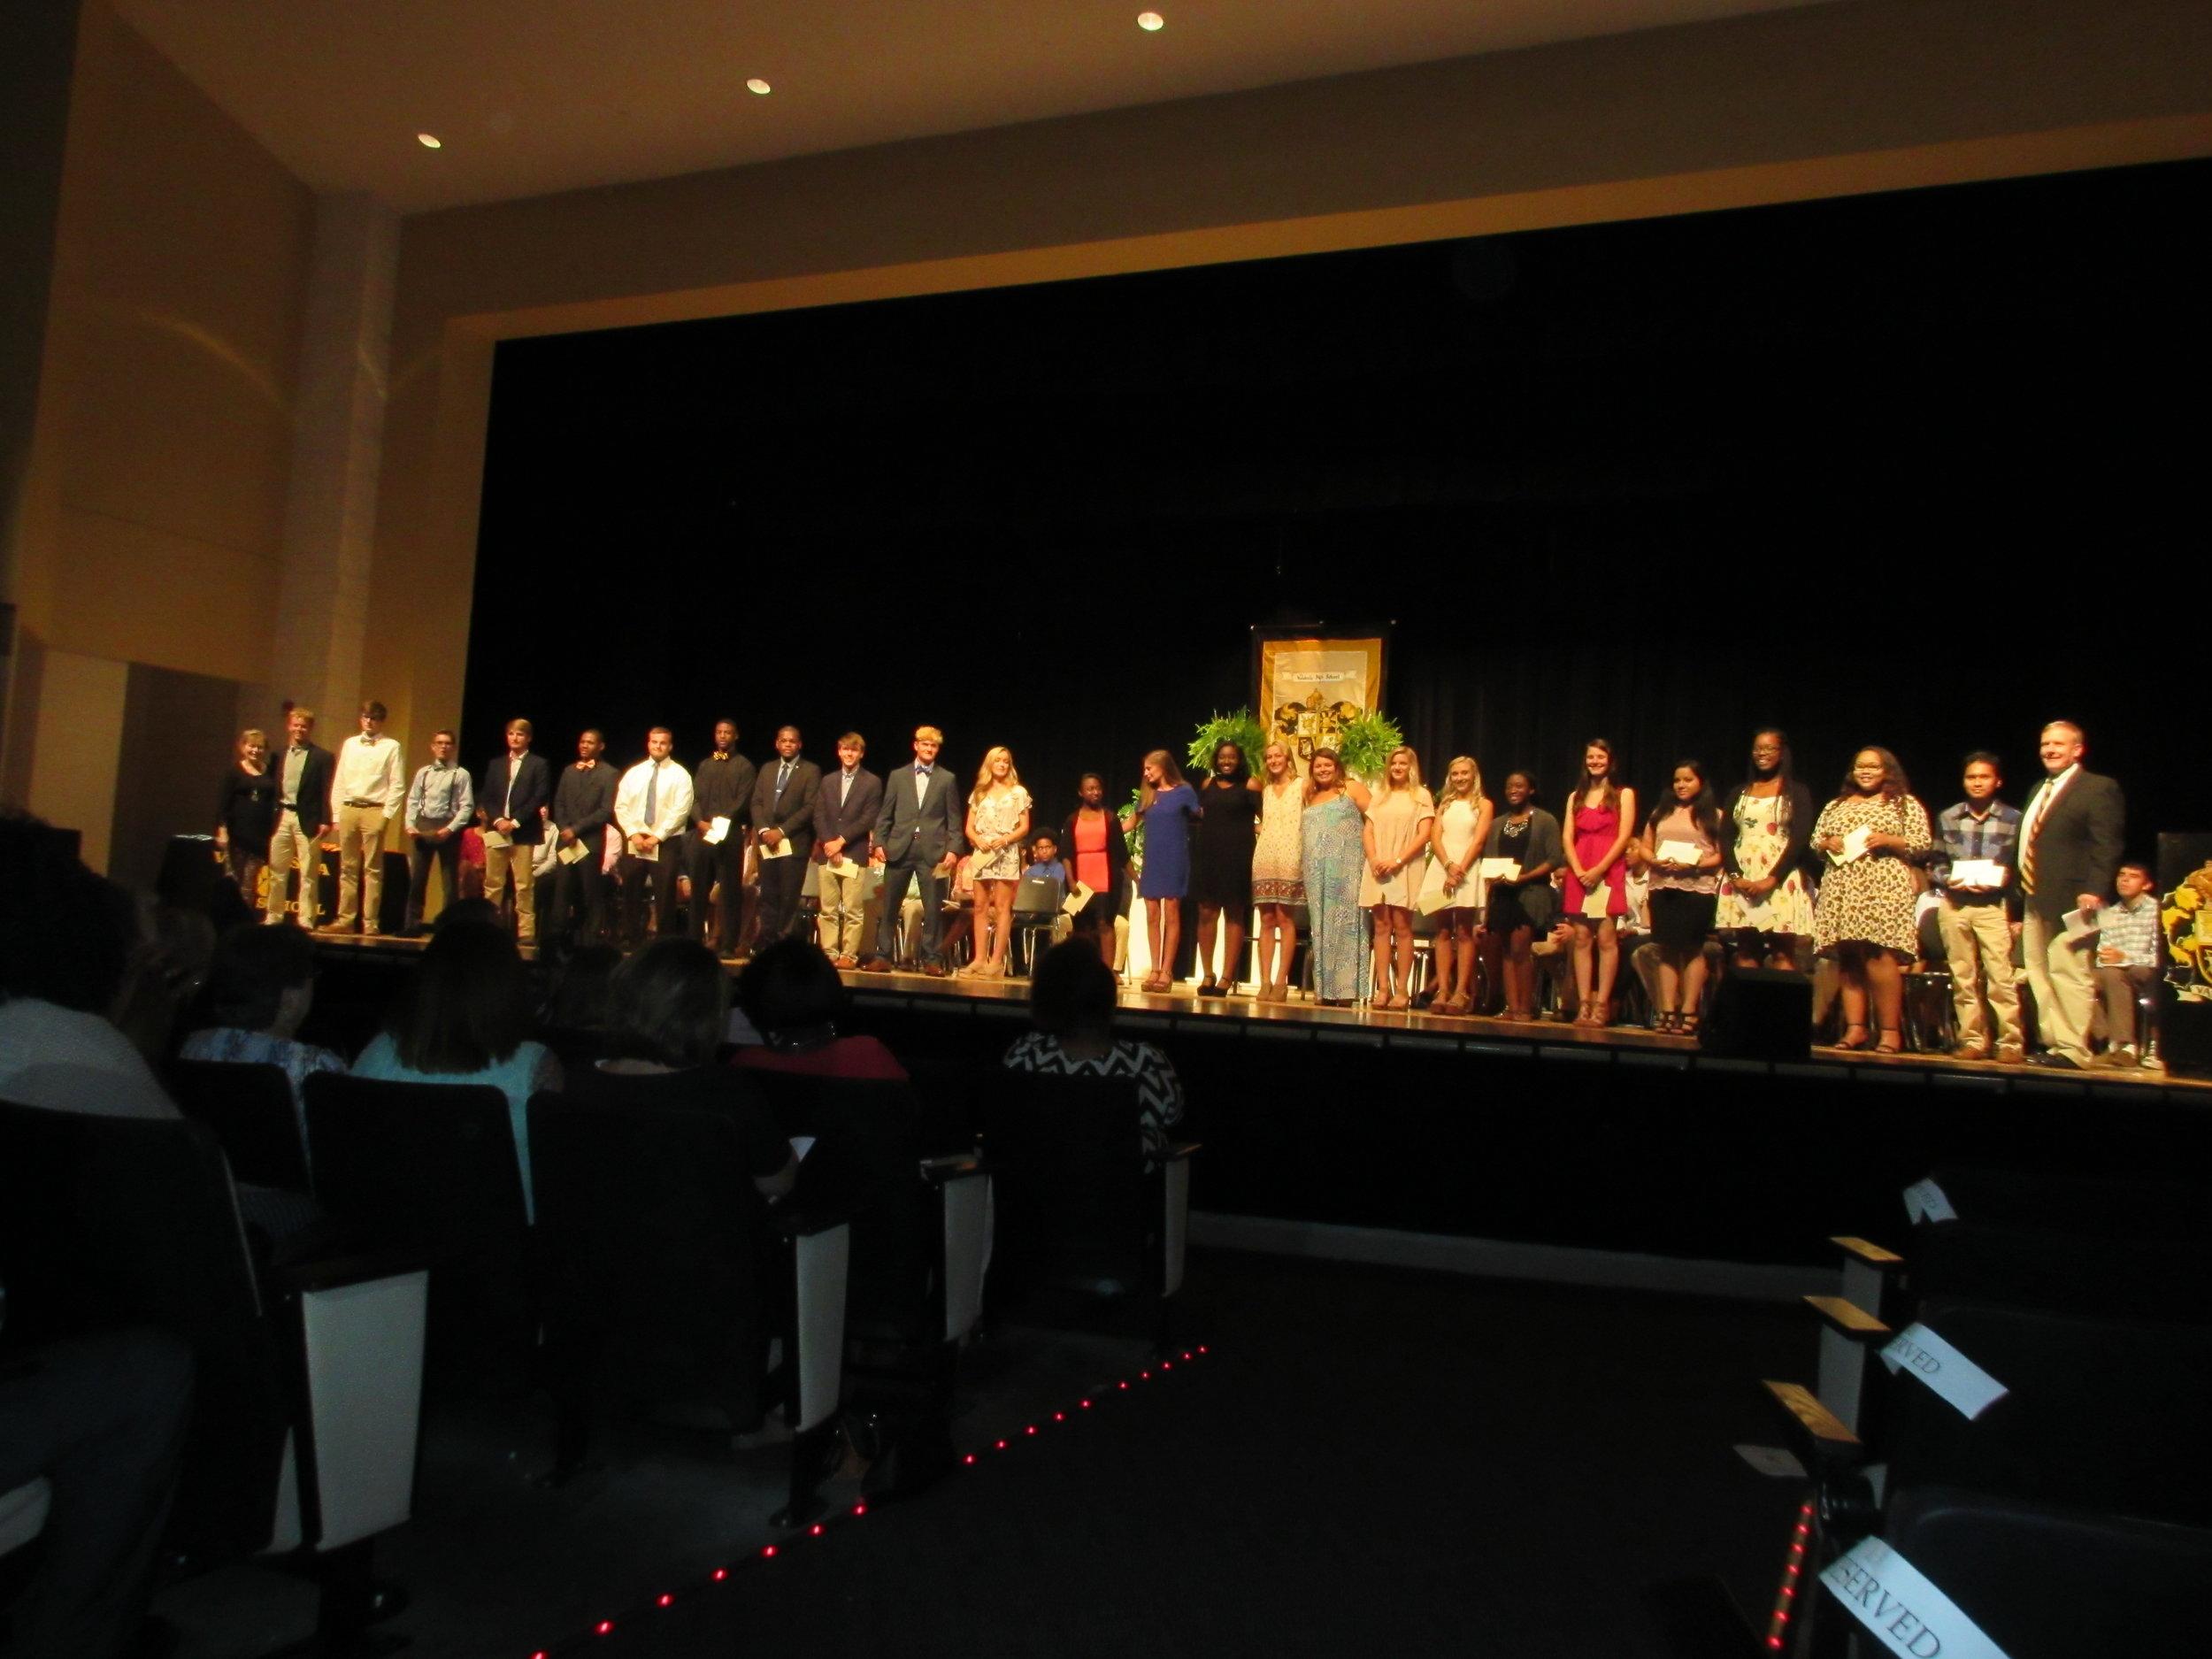 2017 Valdosta High School Scholarship Presentation.